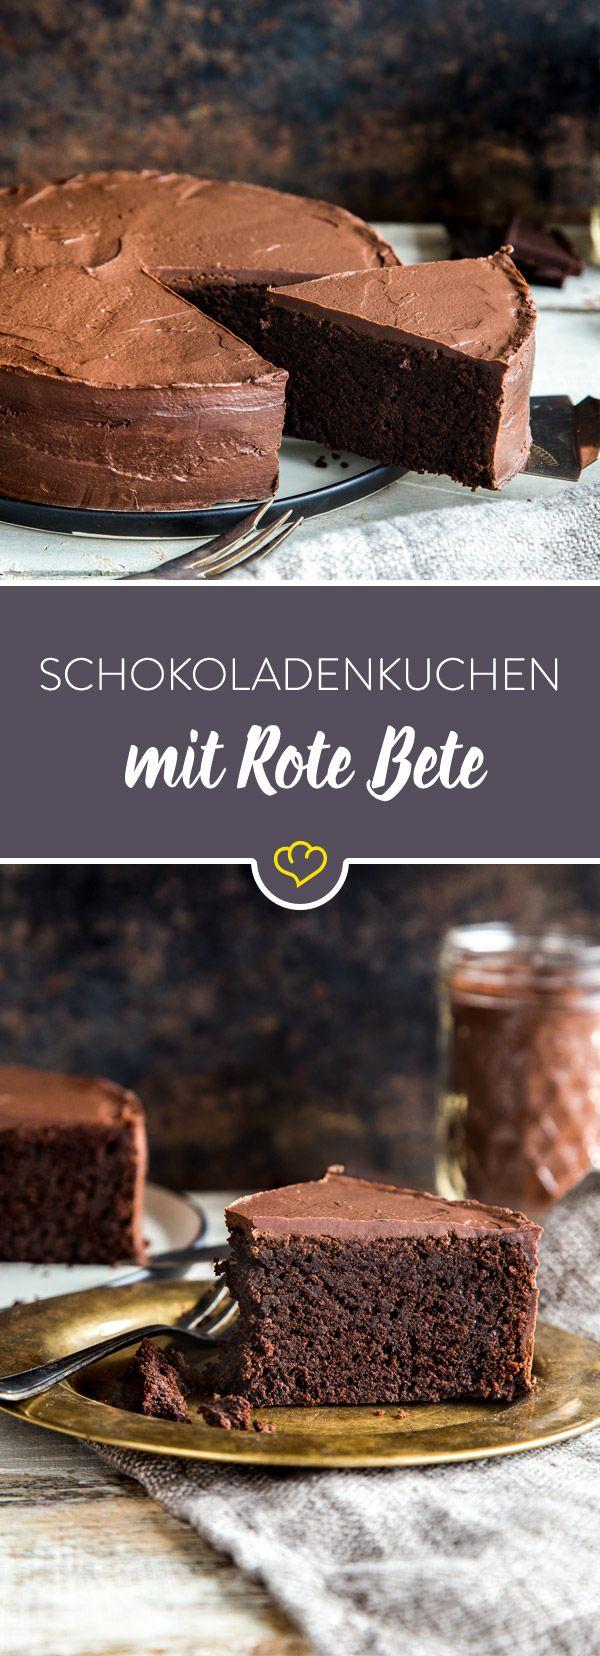 In diesem Rezept hat sich Rote Bete unter den Kuchen geschlichen – aber nur Mut! Die Knolle gibt ihm eine besondere Saftigkeit und süß-herbe Note.